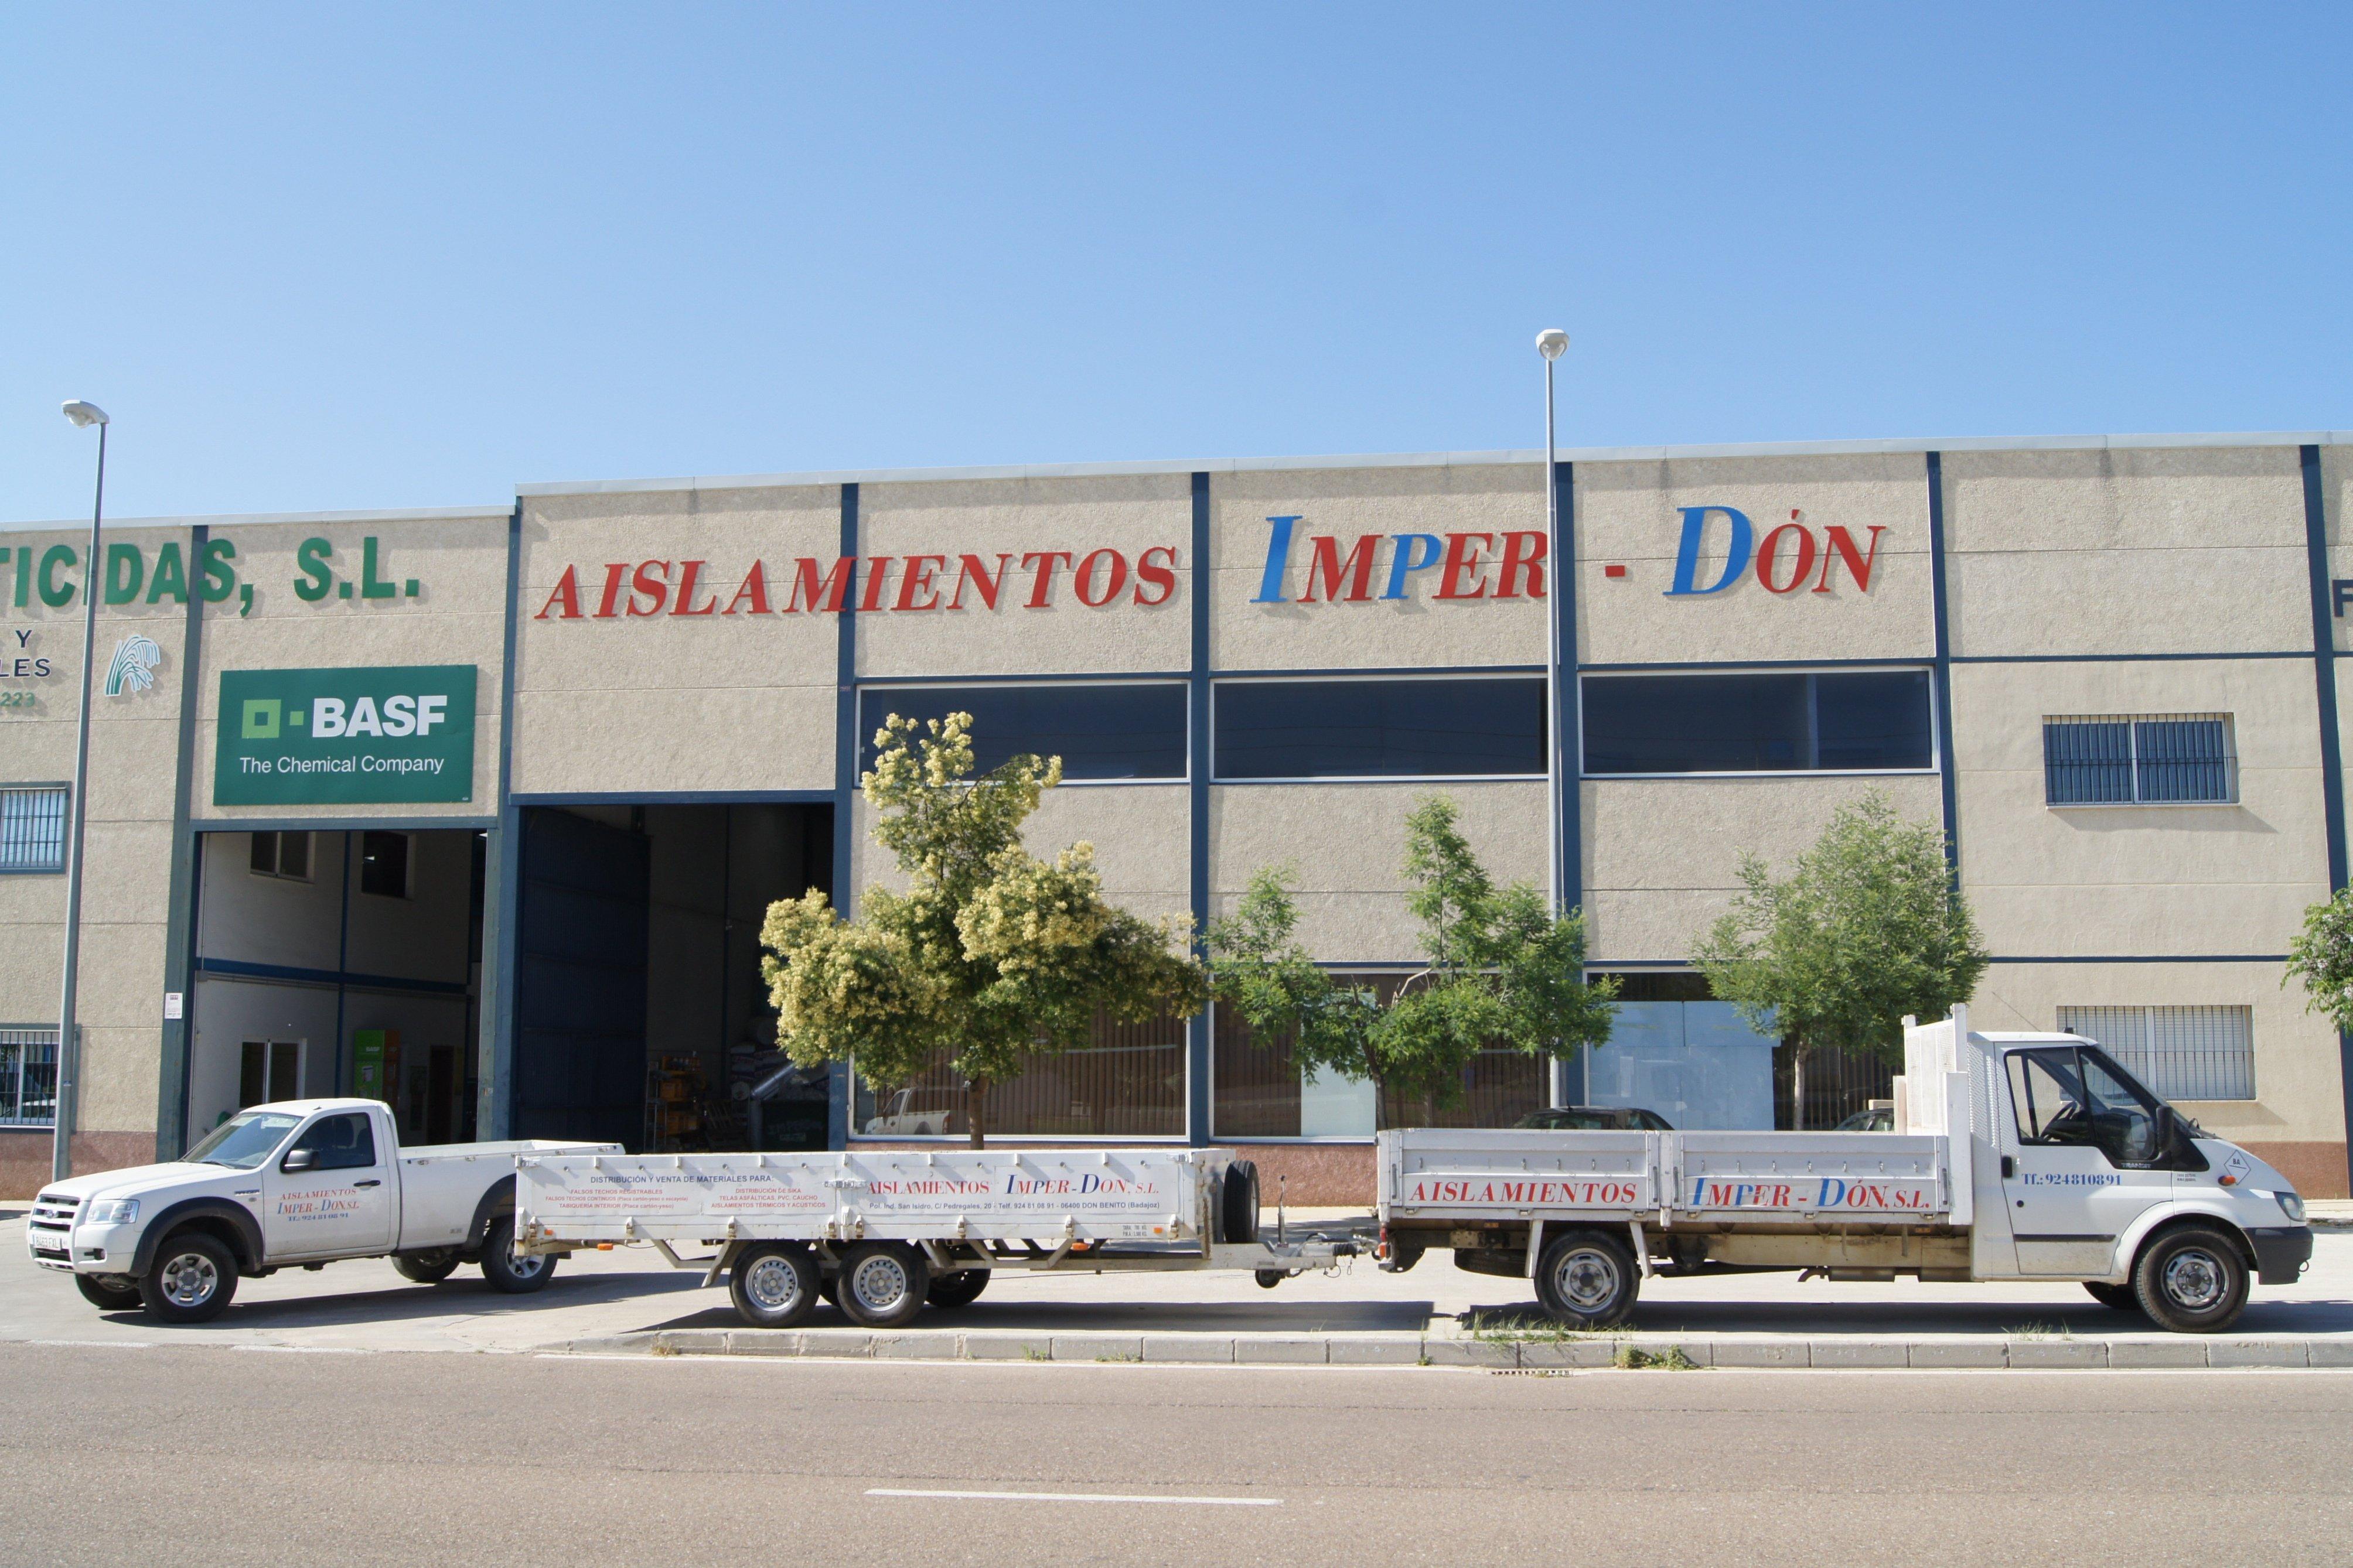 Imperdon S.l.